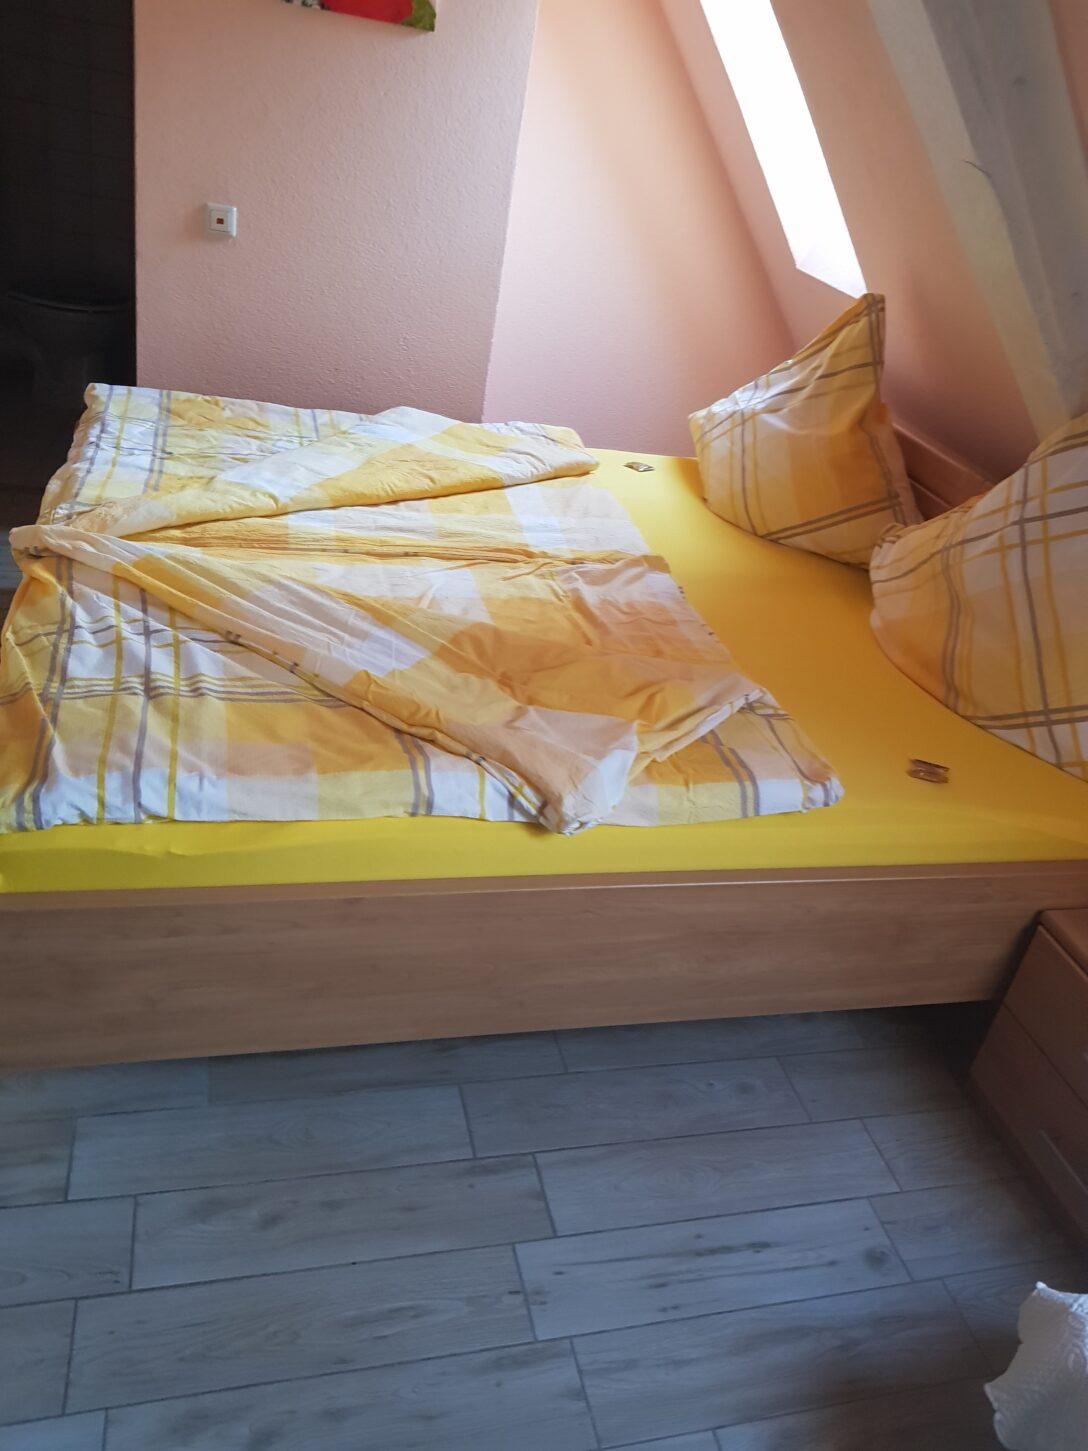 Large Size of Couch Ausklappbar Pensionszimmer Der Schfer Hof Ausklappbares Bett Wohnzimmer Couch Ausklappbar